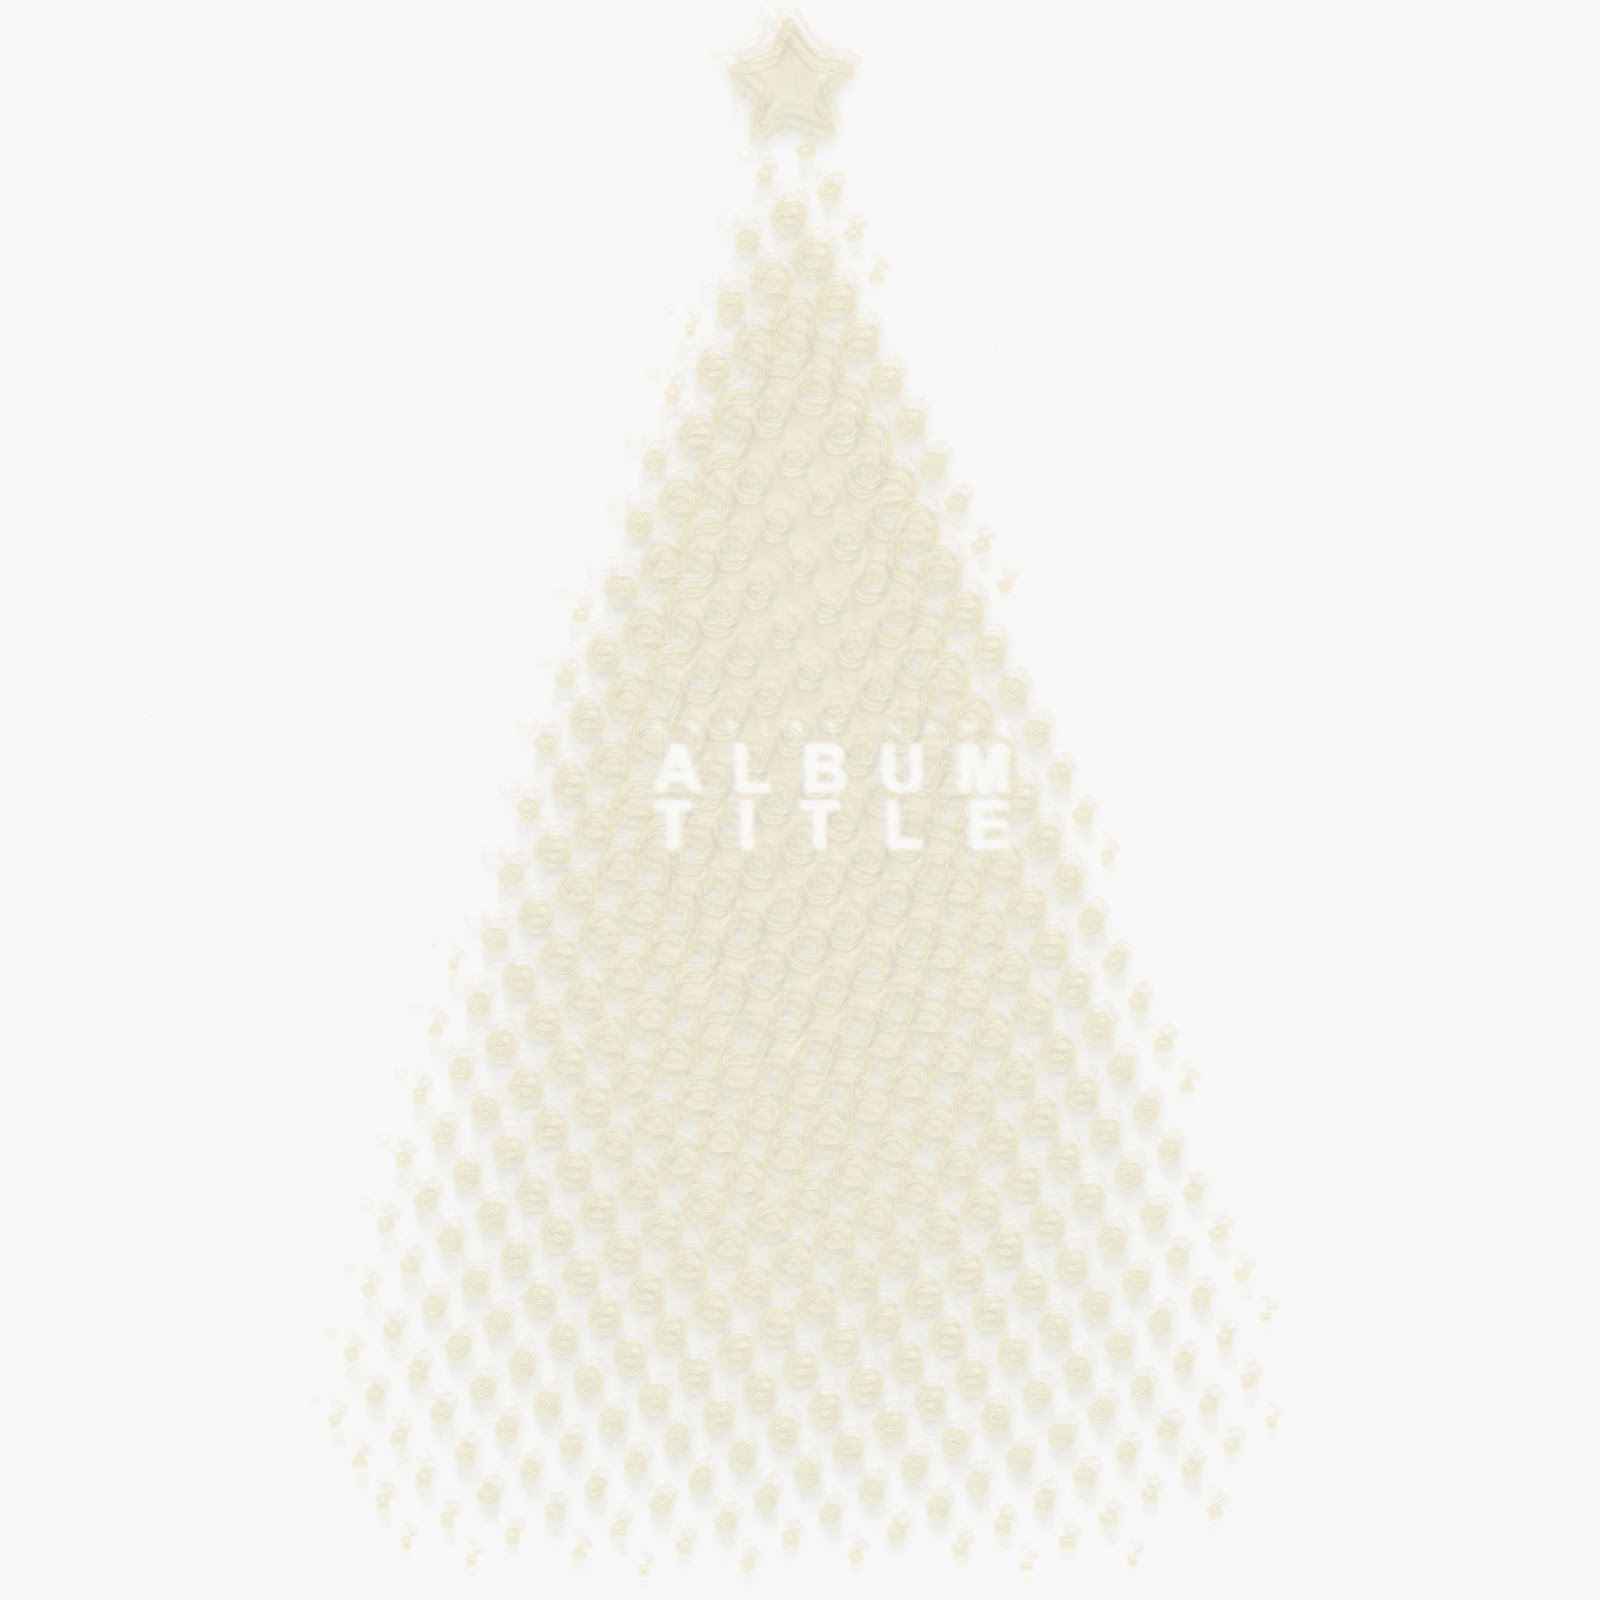 Music single/album/mixtape/CD cover artwork graphic design templates